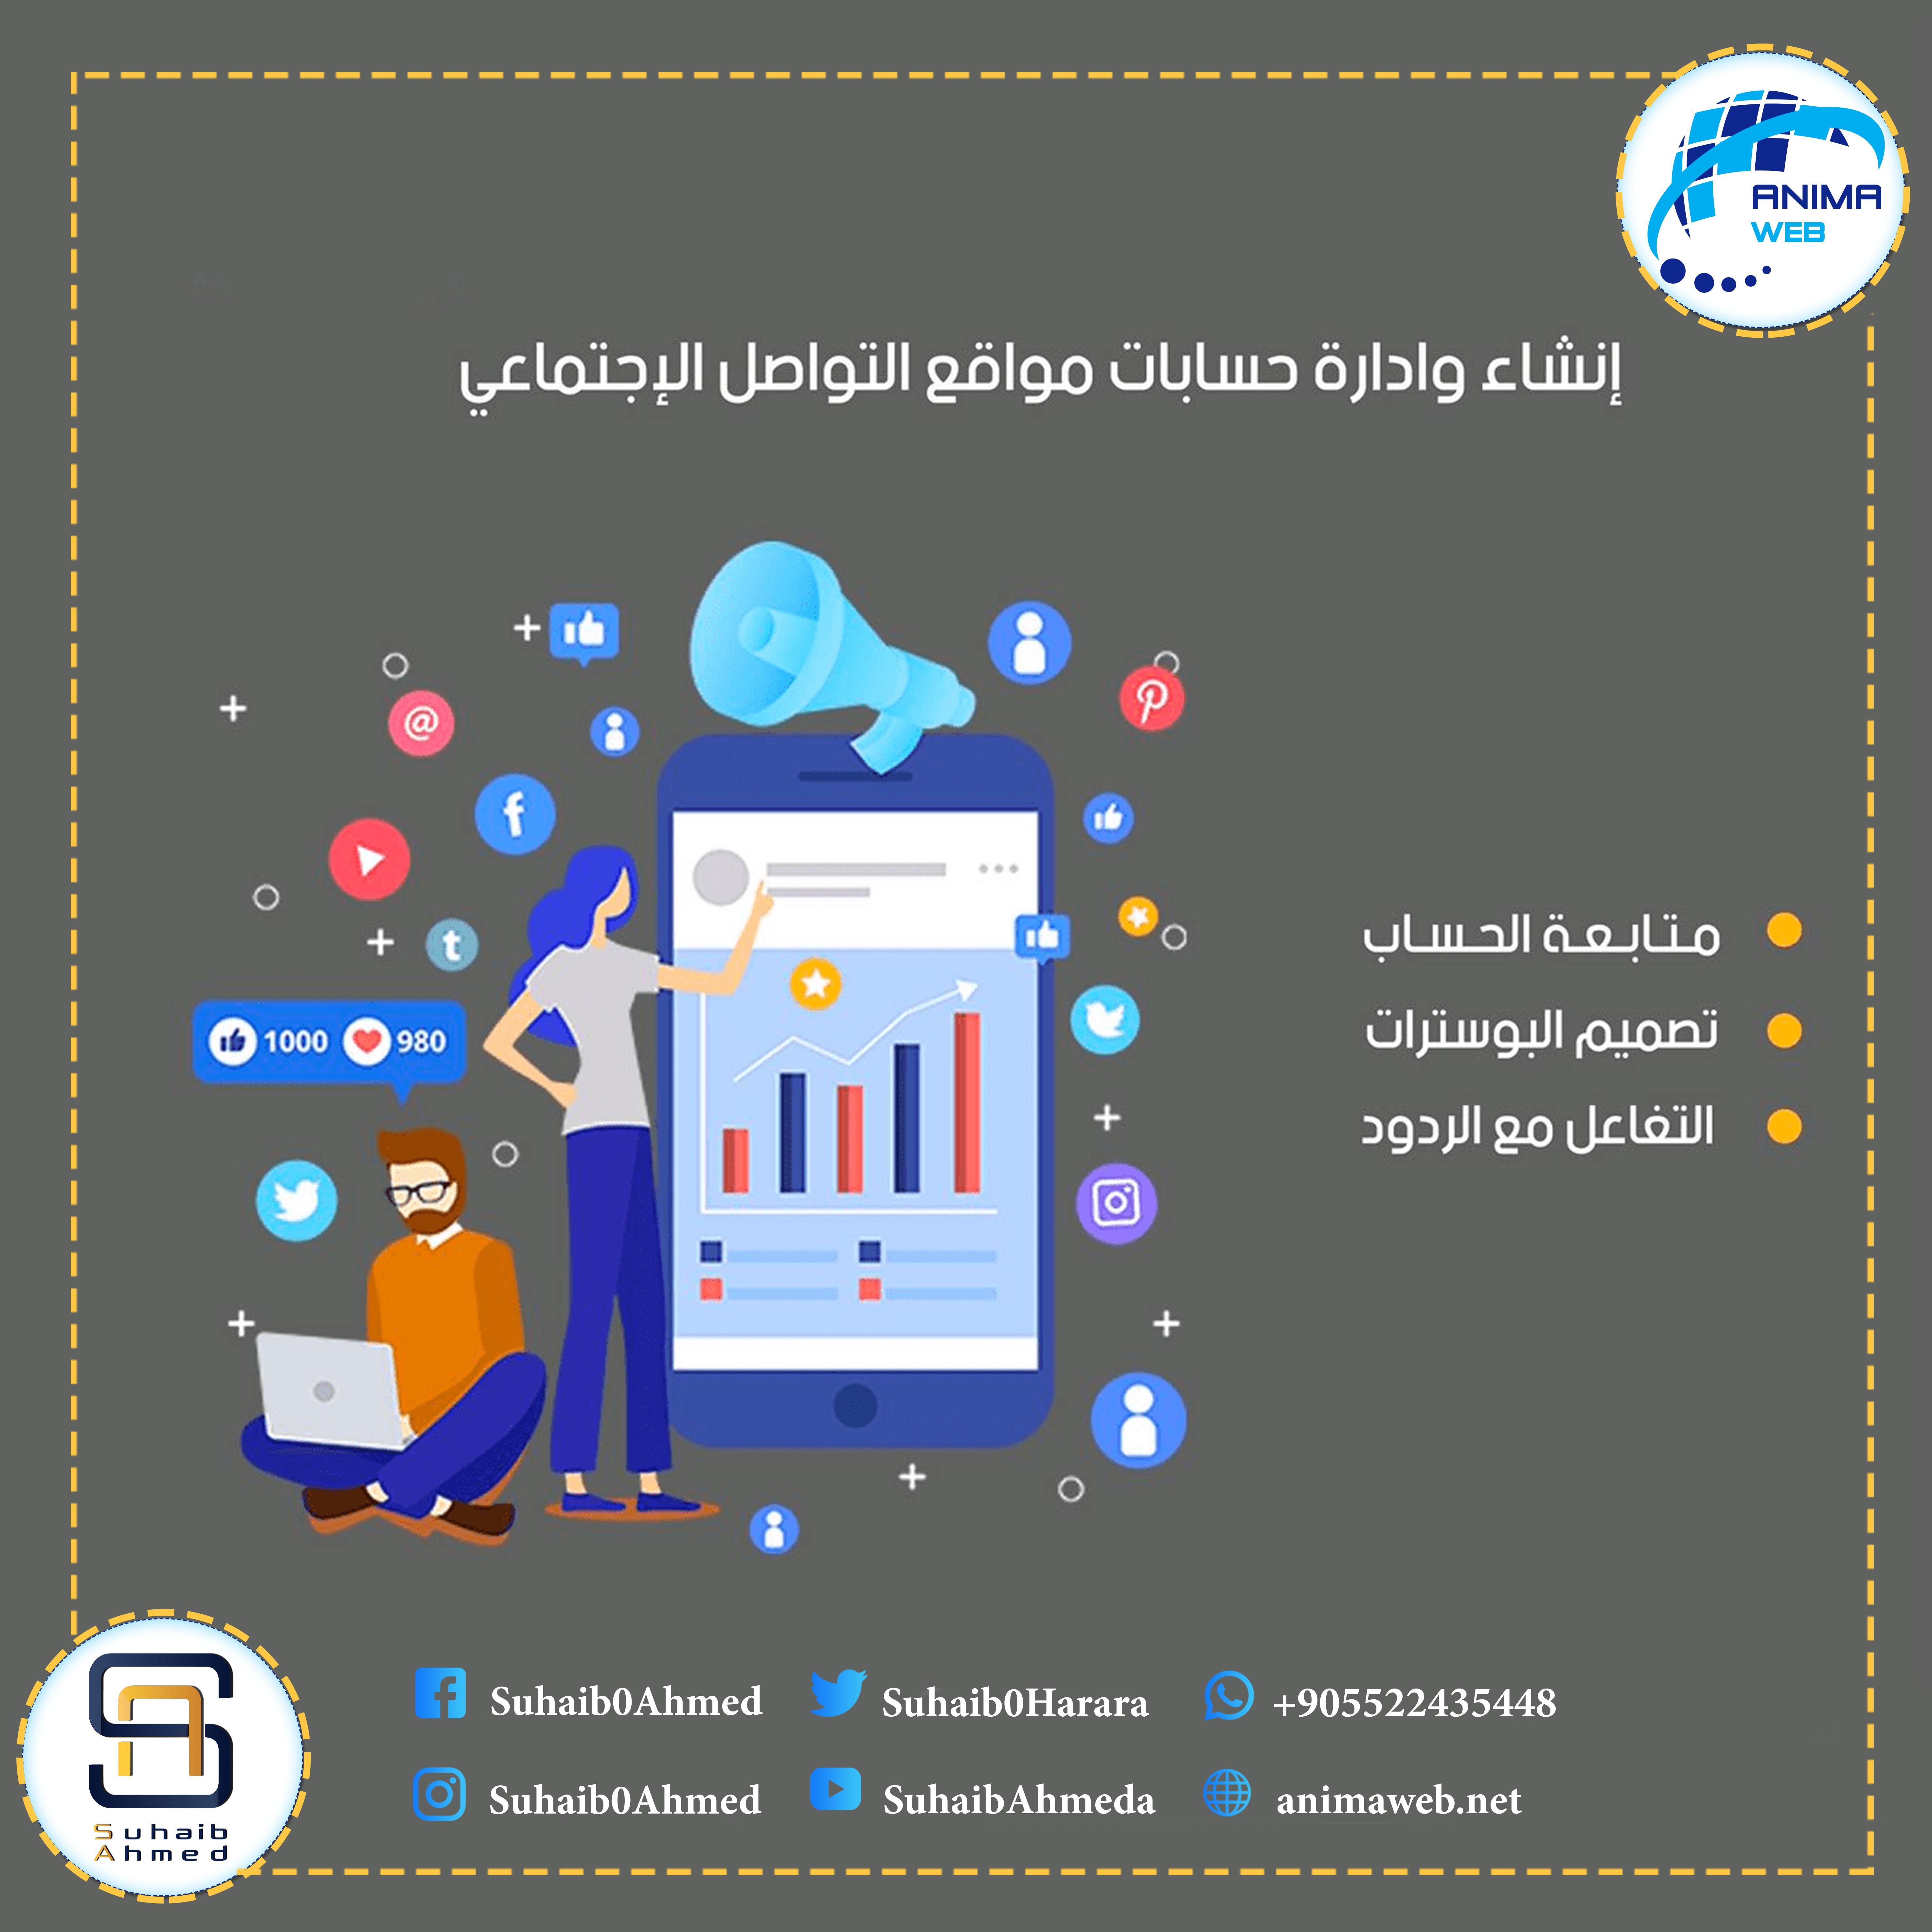 إنشاء و إدارة حسابات مواقع التواصل الإجتماعي